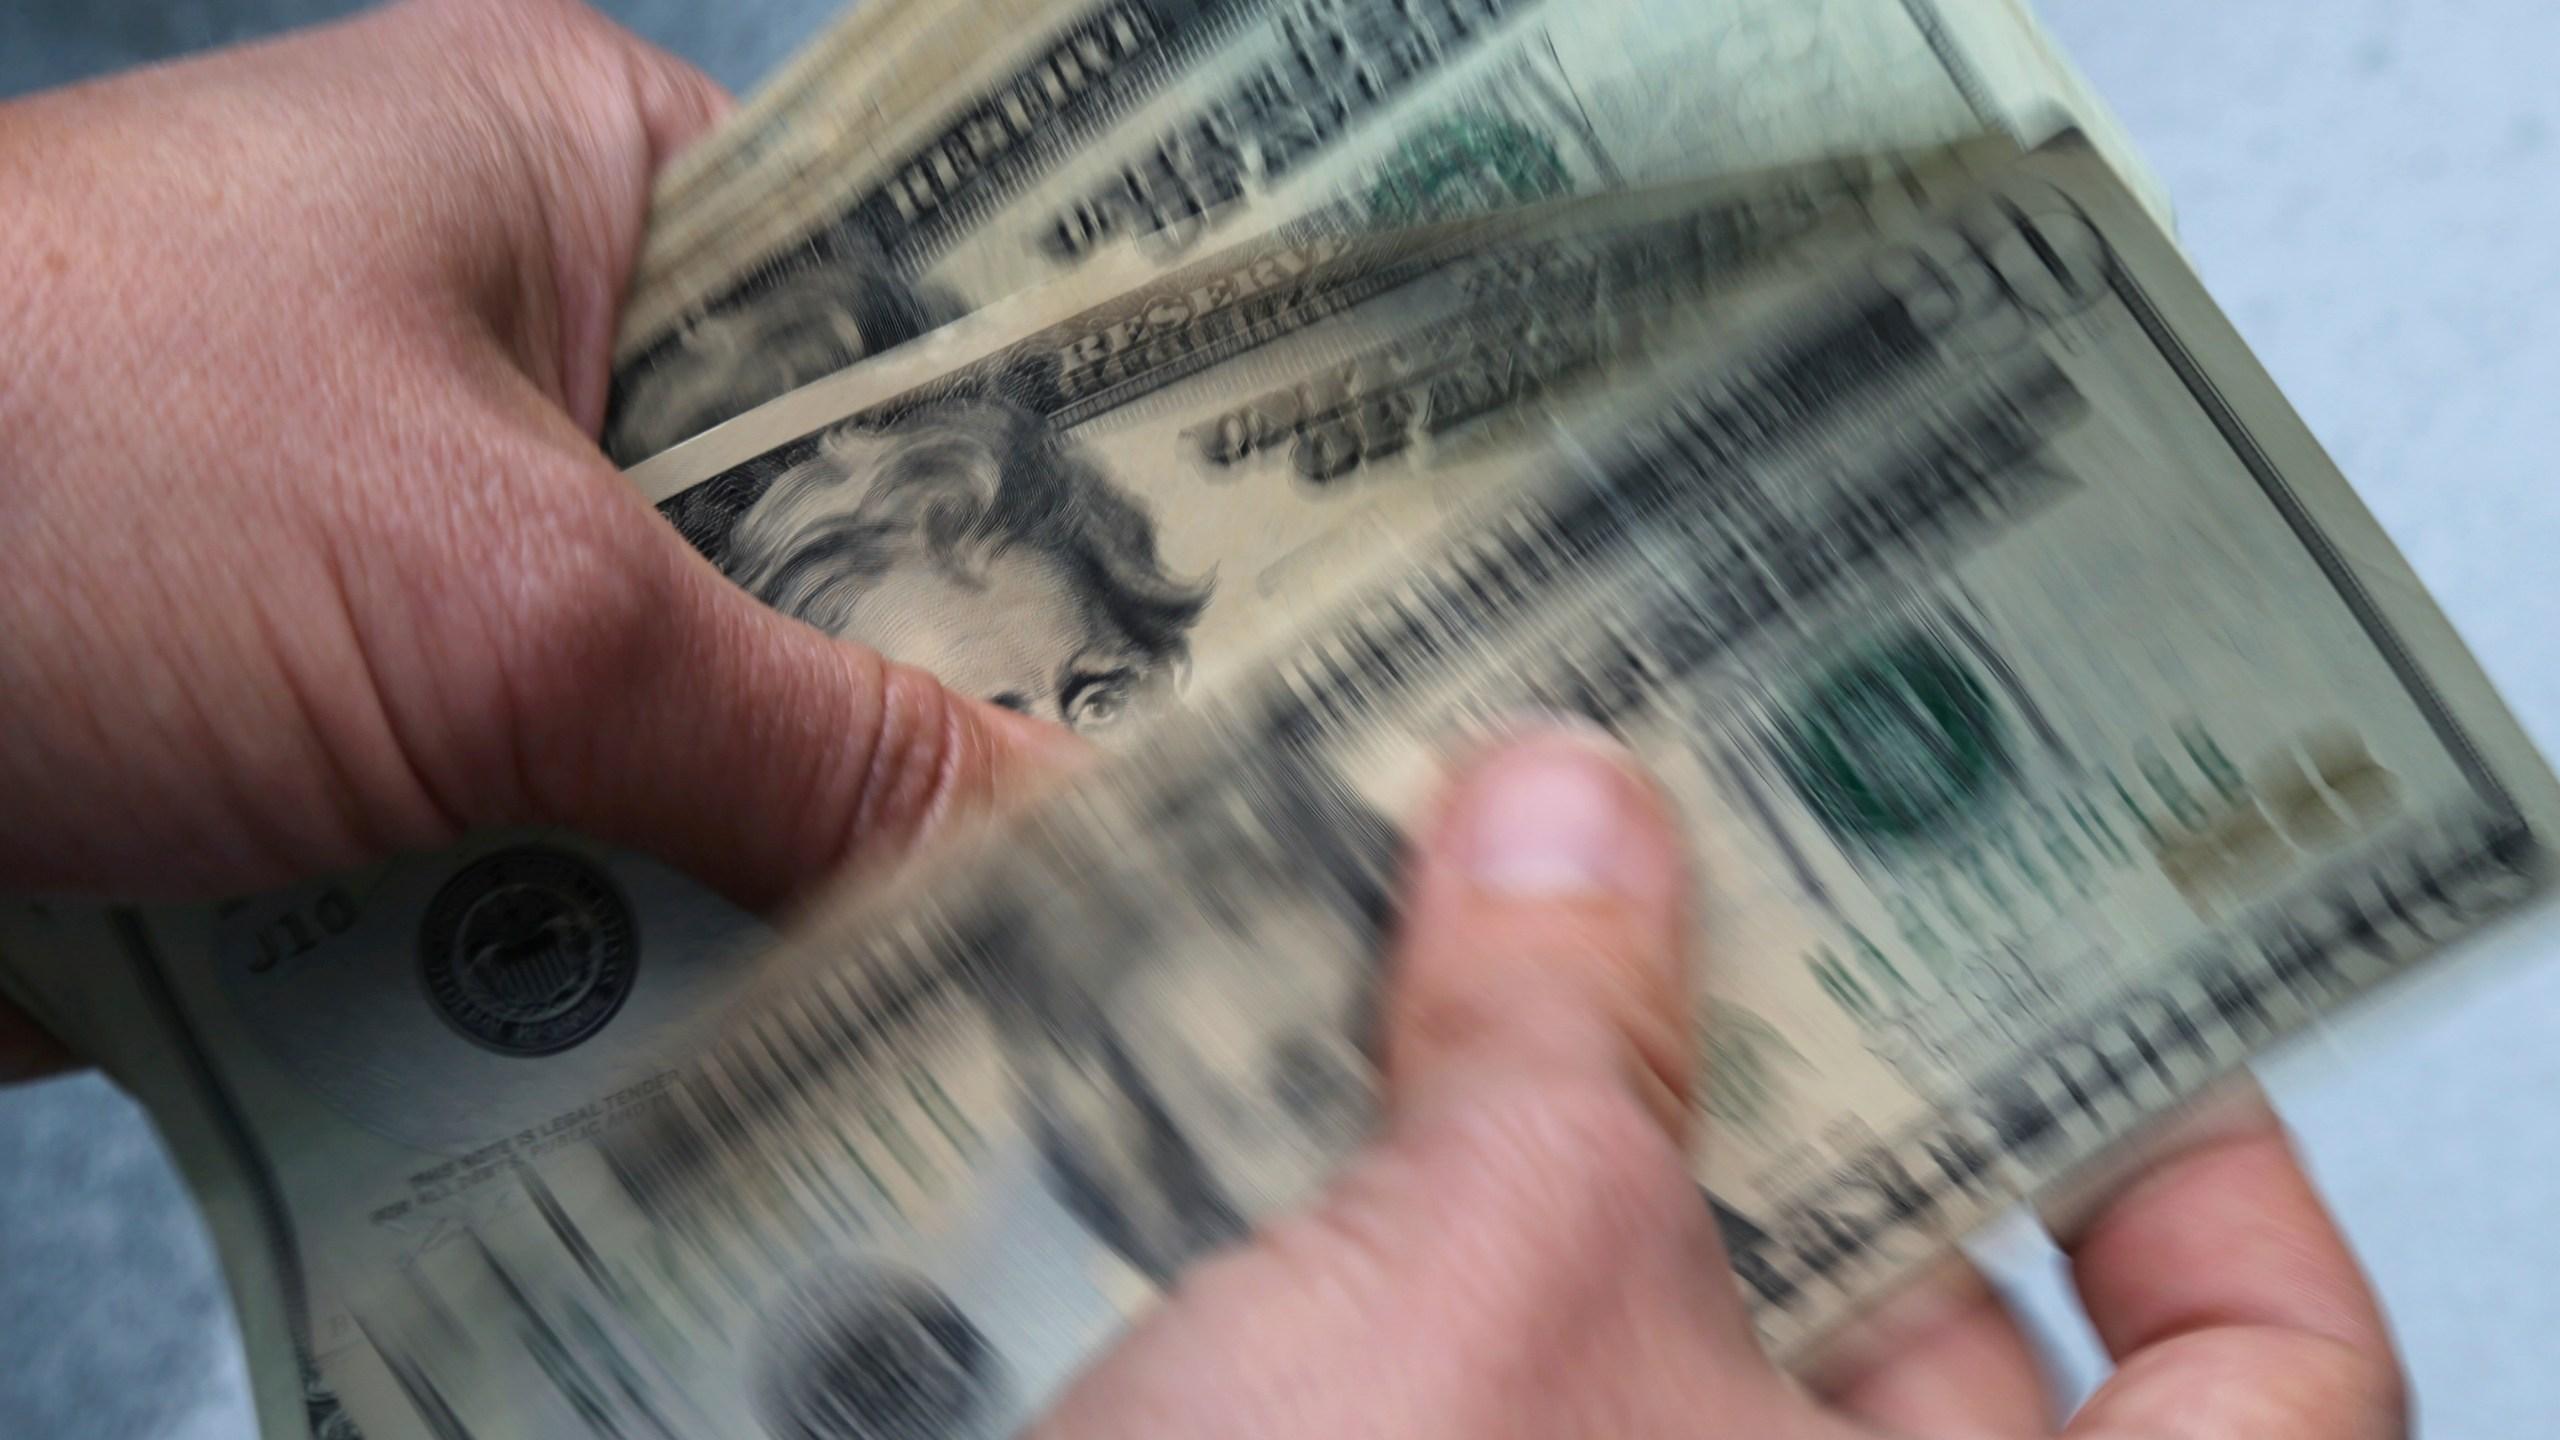 NerdWallet_Millennial_Money_Wage_Garnishment_39725-159532.jpg90582946